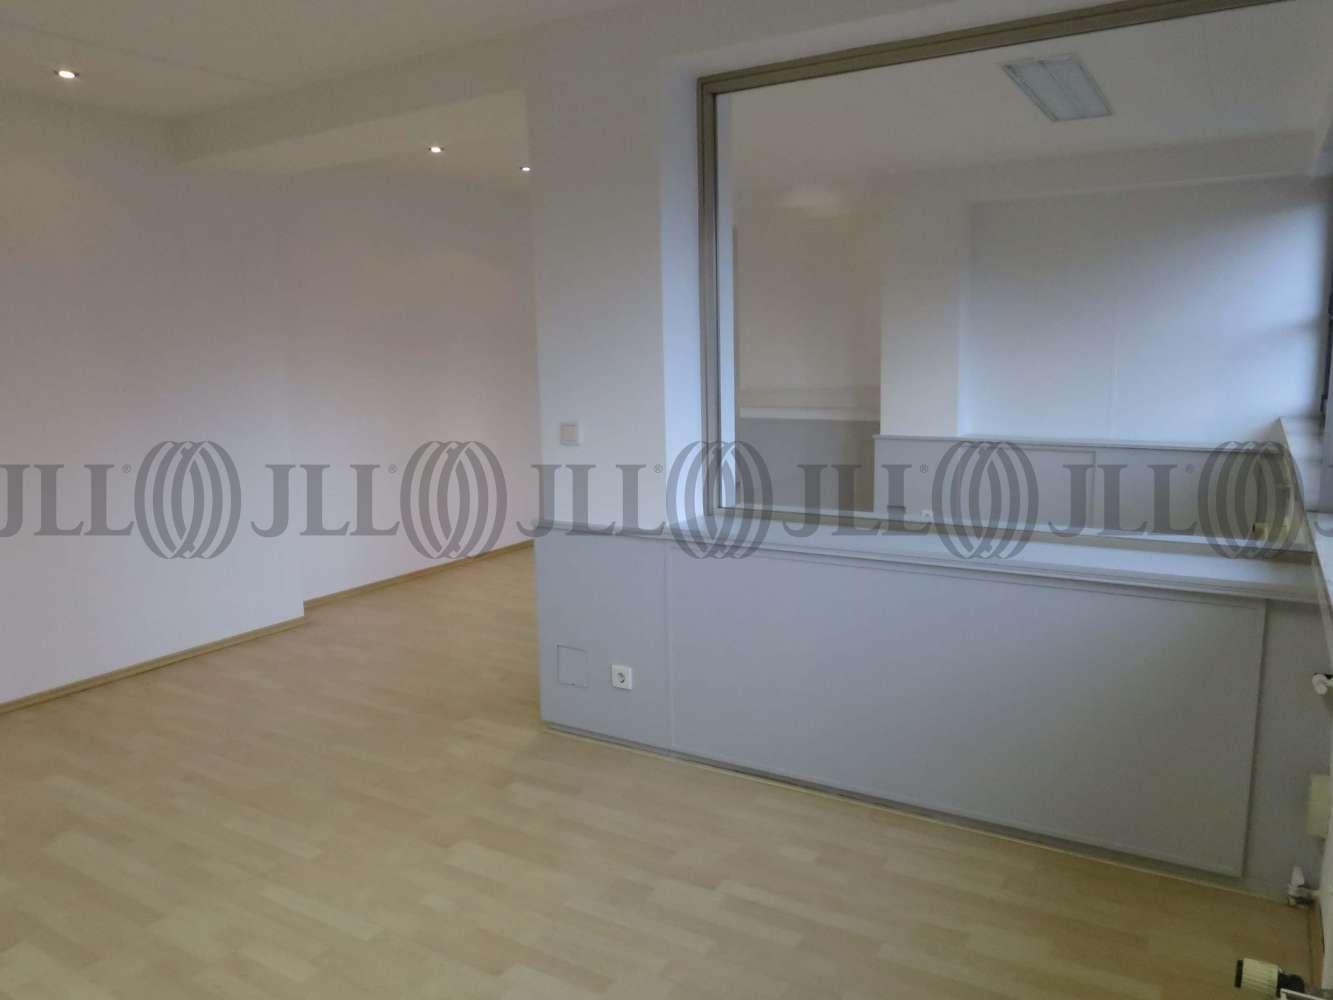 Büros Frankfurt am main, 60313 - Büro - Frankfurt am Main, Innenstadt - F0307 - 10885655